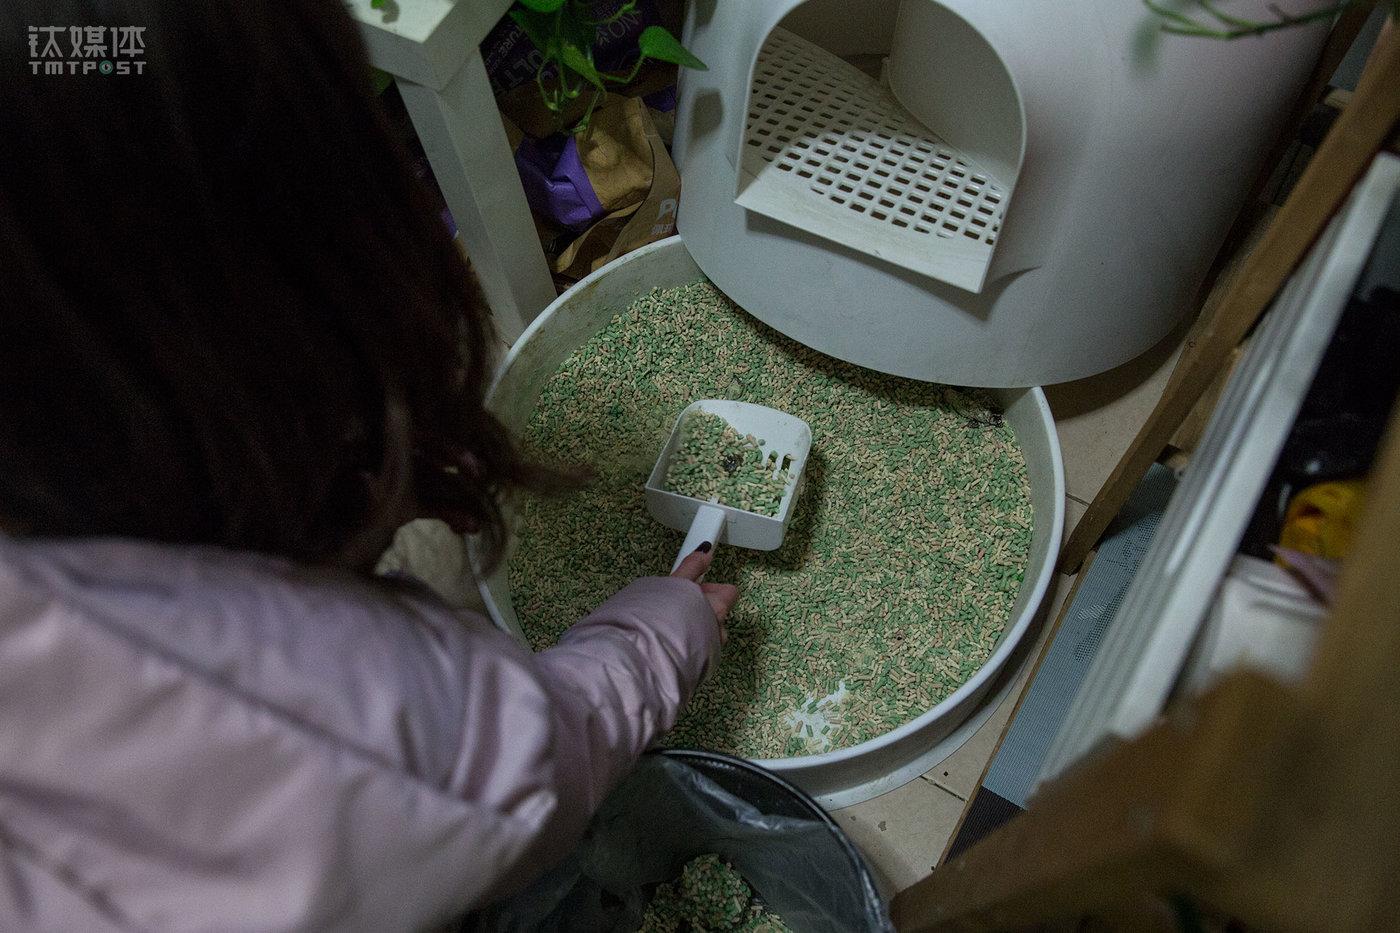 """每隔一两天,她就要充当一下""""铲屎官""""。养三只猫的花费每月1000元不到,包括猫粮、猫砂、周边用品、玩具等支出。"""